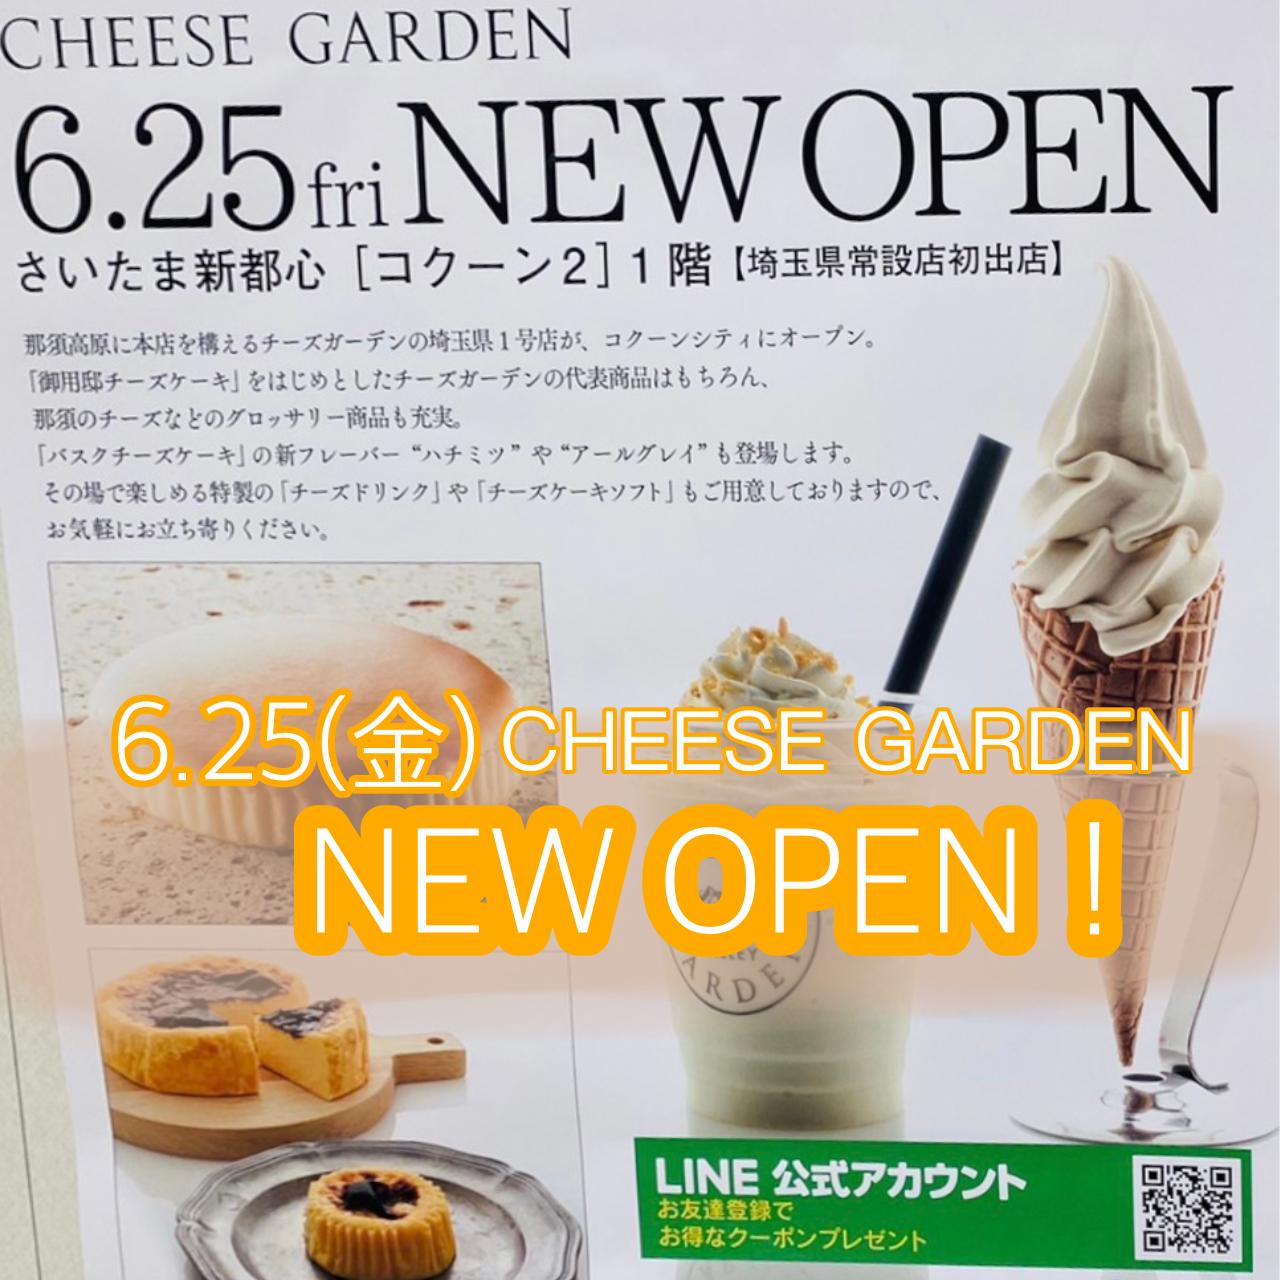 埼玉県初の常設店舗『チーズガーデン コクーン店』が2021年6月25日(金)にオープン!